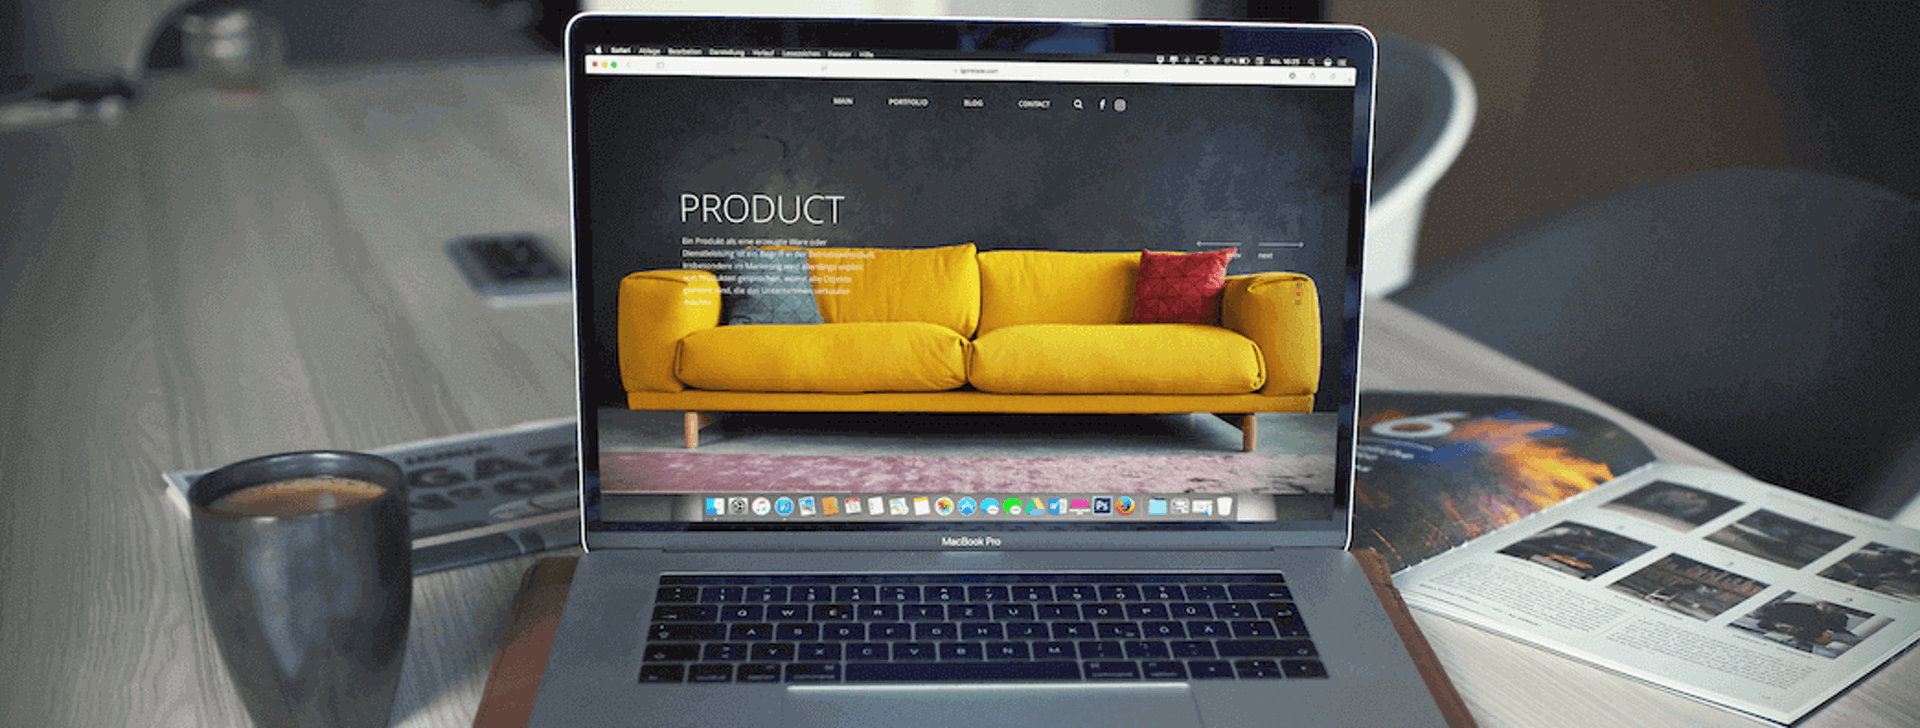 ¿No logras ver tus imágenes?: Descubre cómo convertir un archivo WebP a JPG